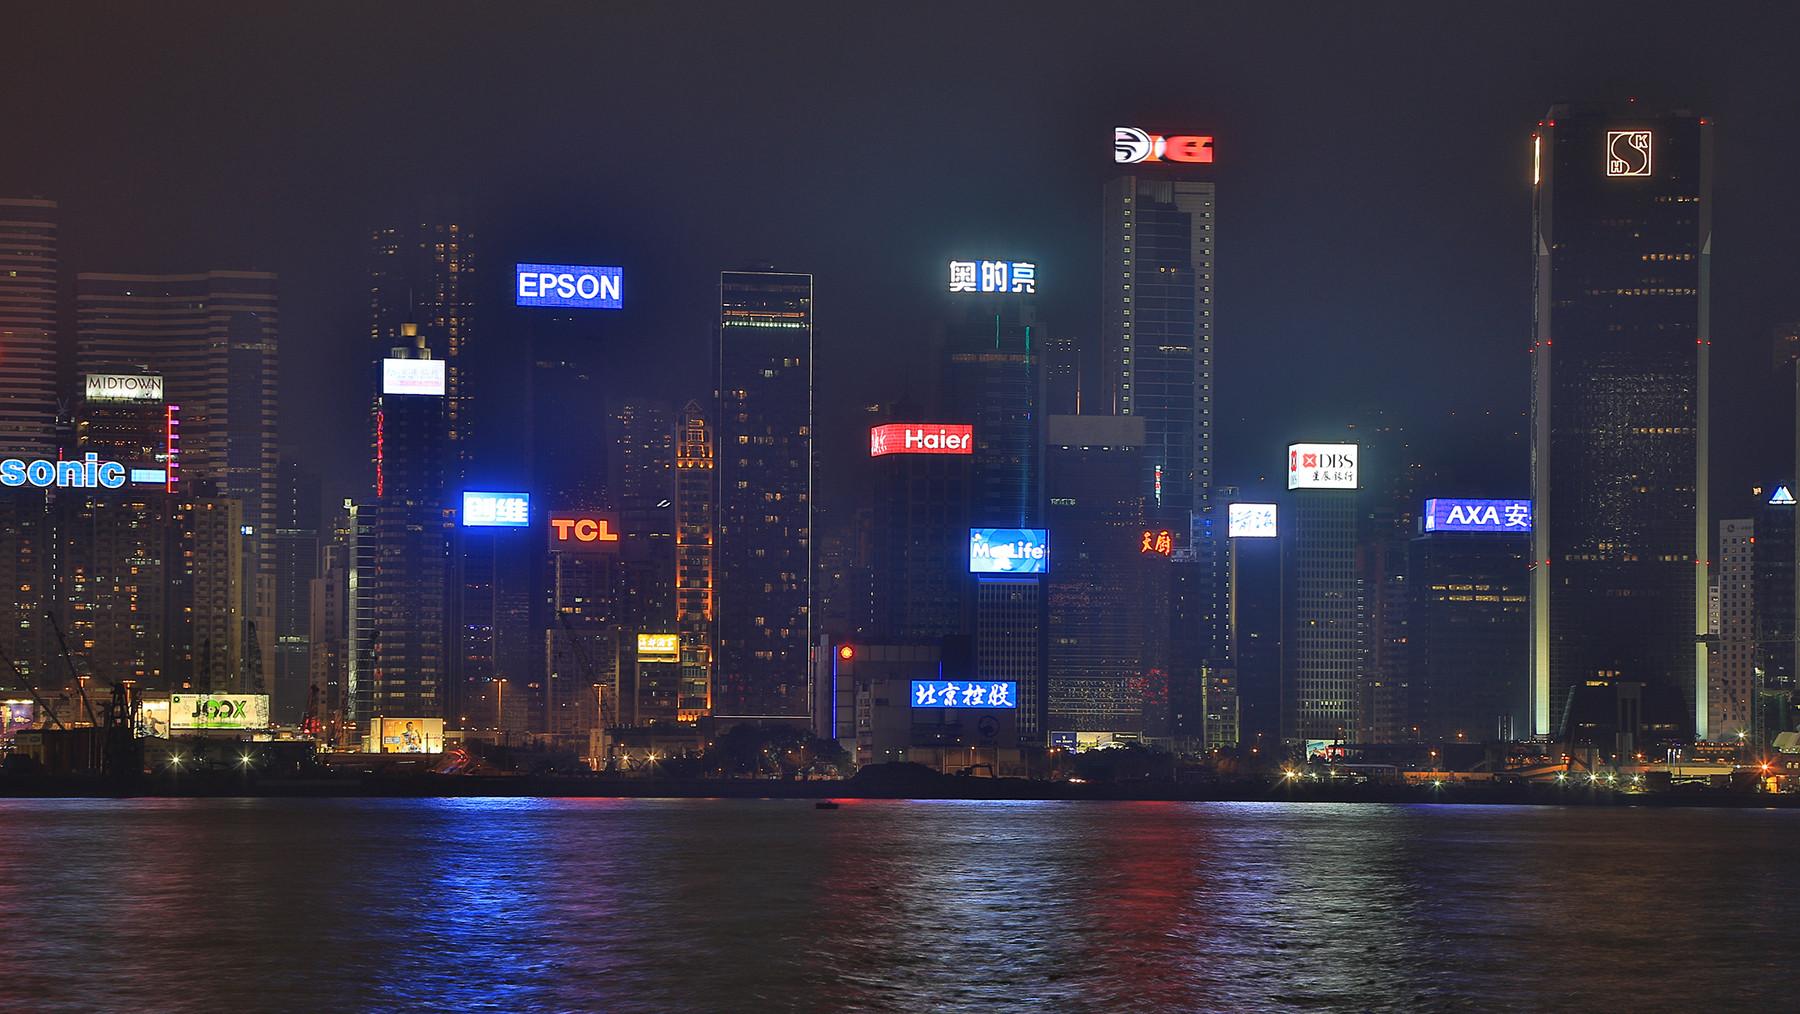 Besonder schöne Motive von Hongkong gelingen von der Uferpromenade von Kowloon aus.